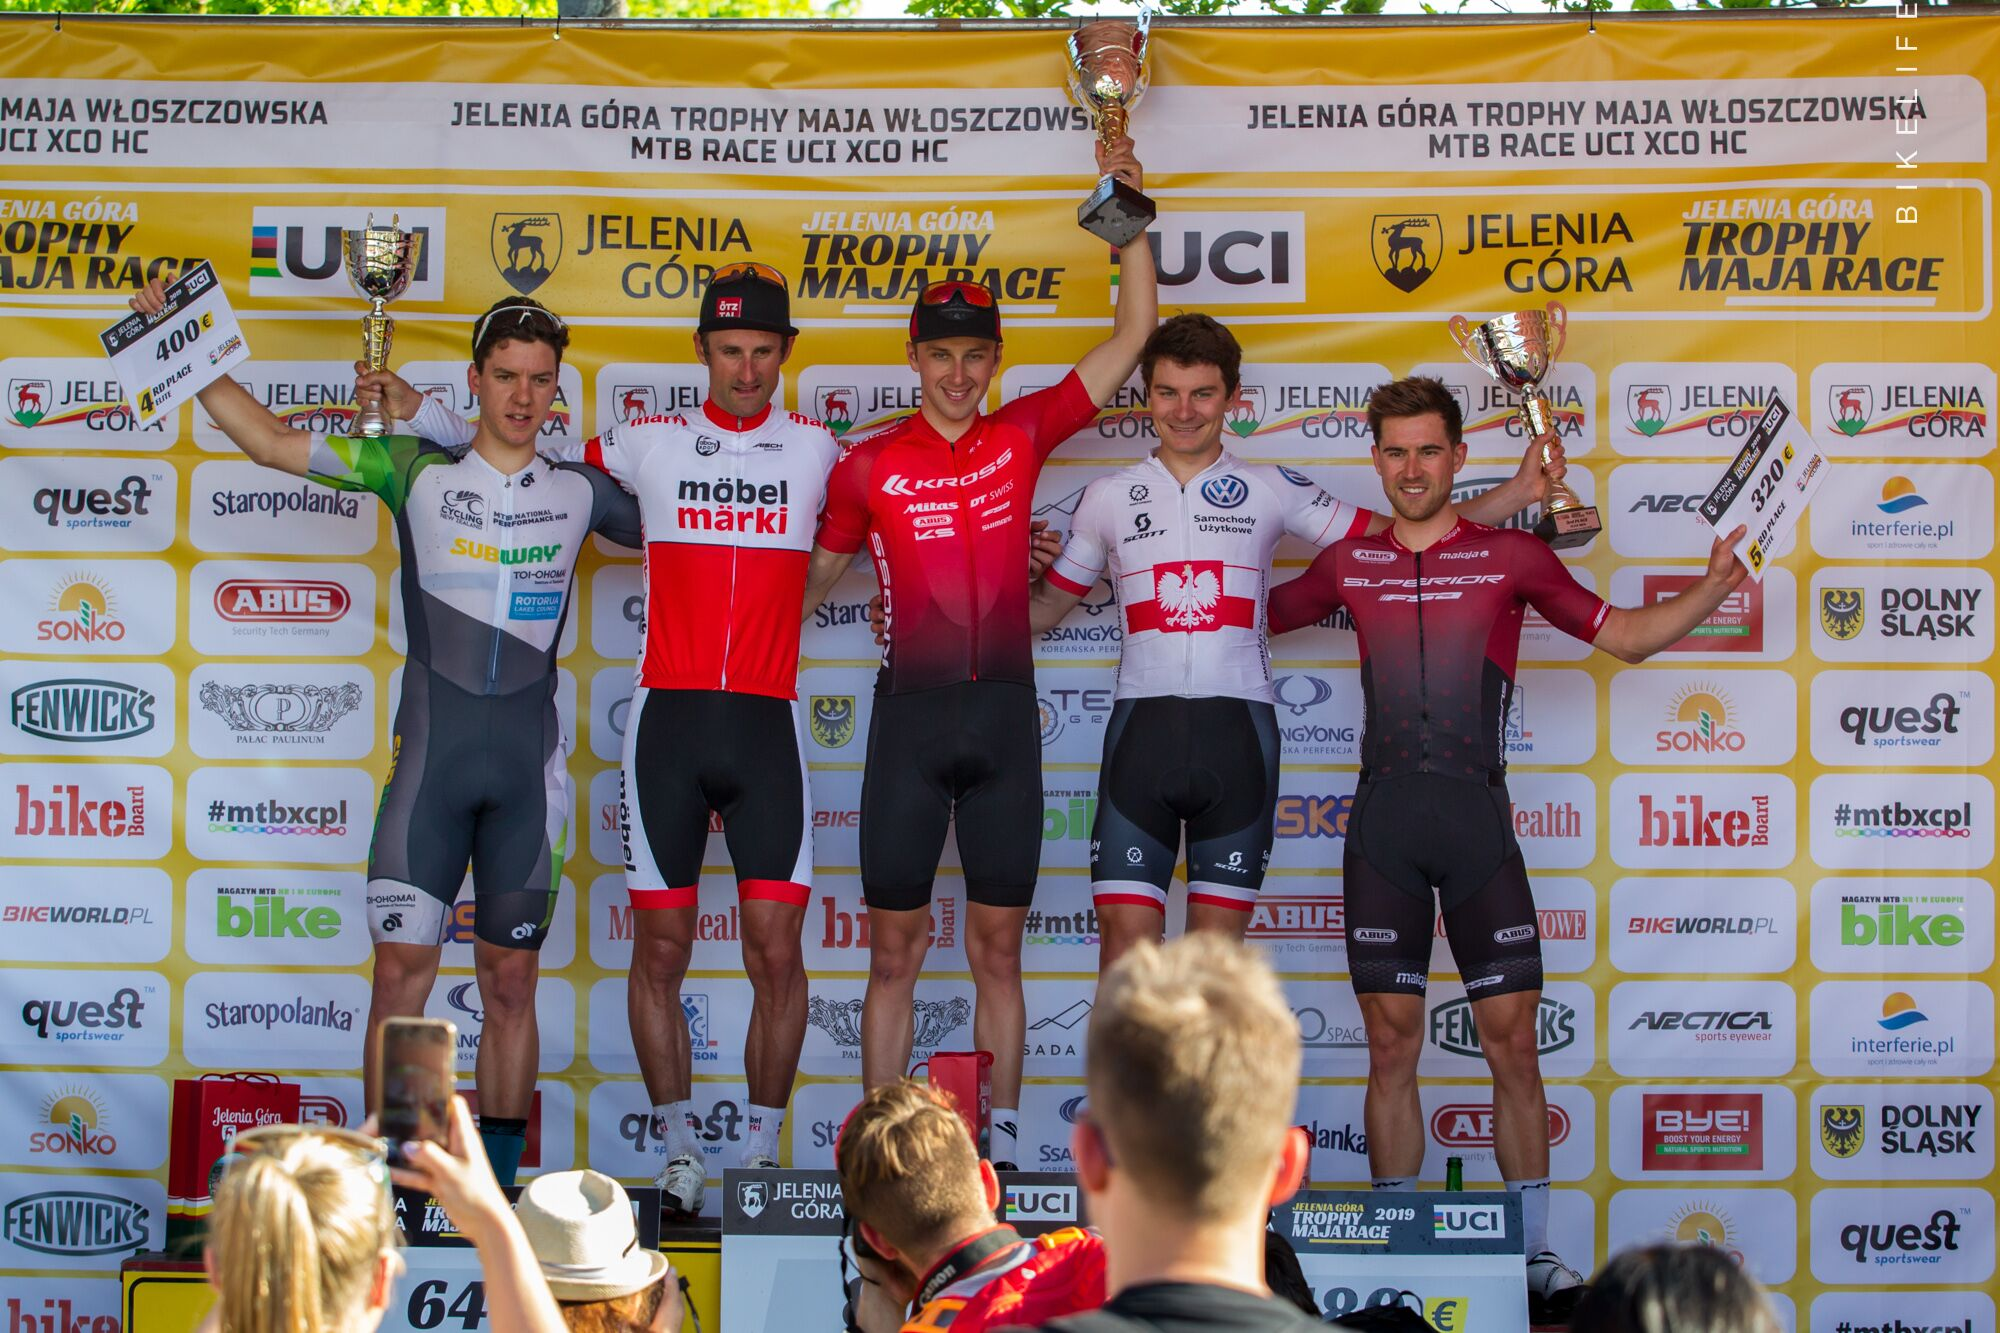 Jelenia Góra należała do zawodników Kross Racing Team